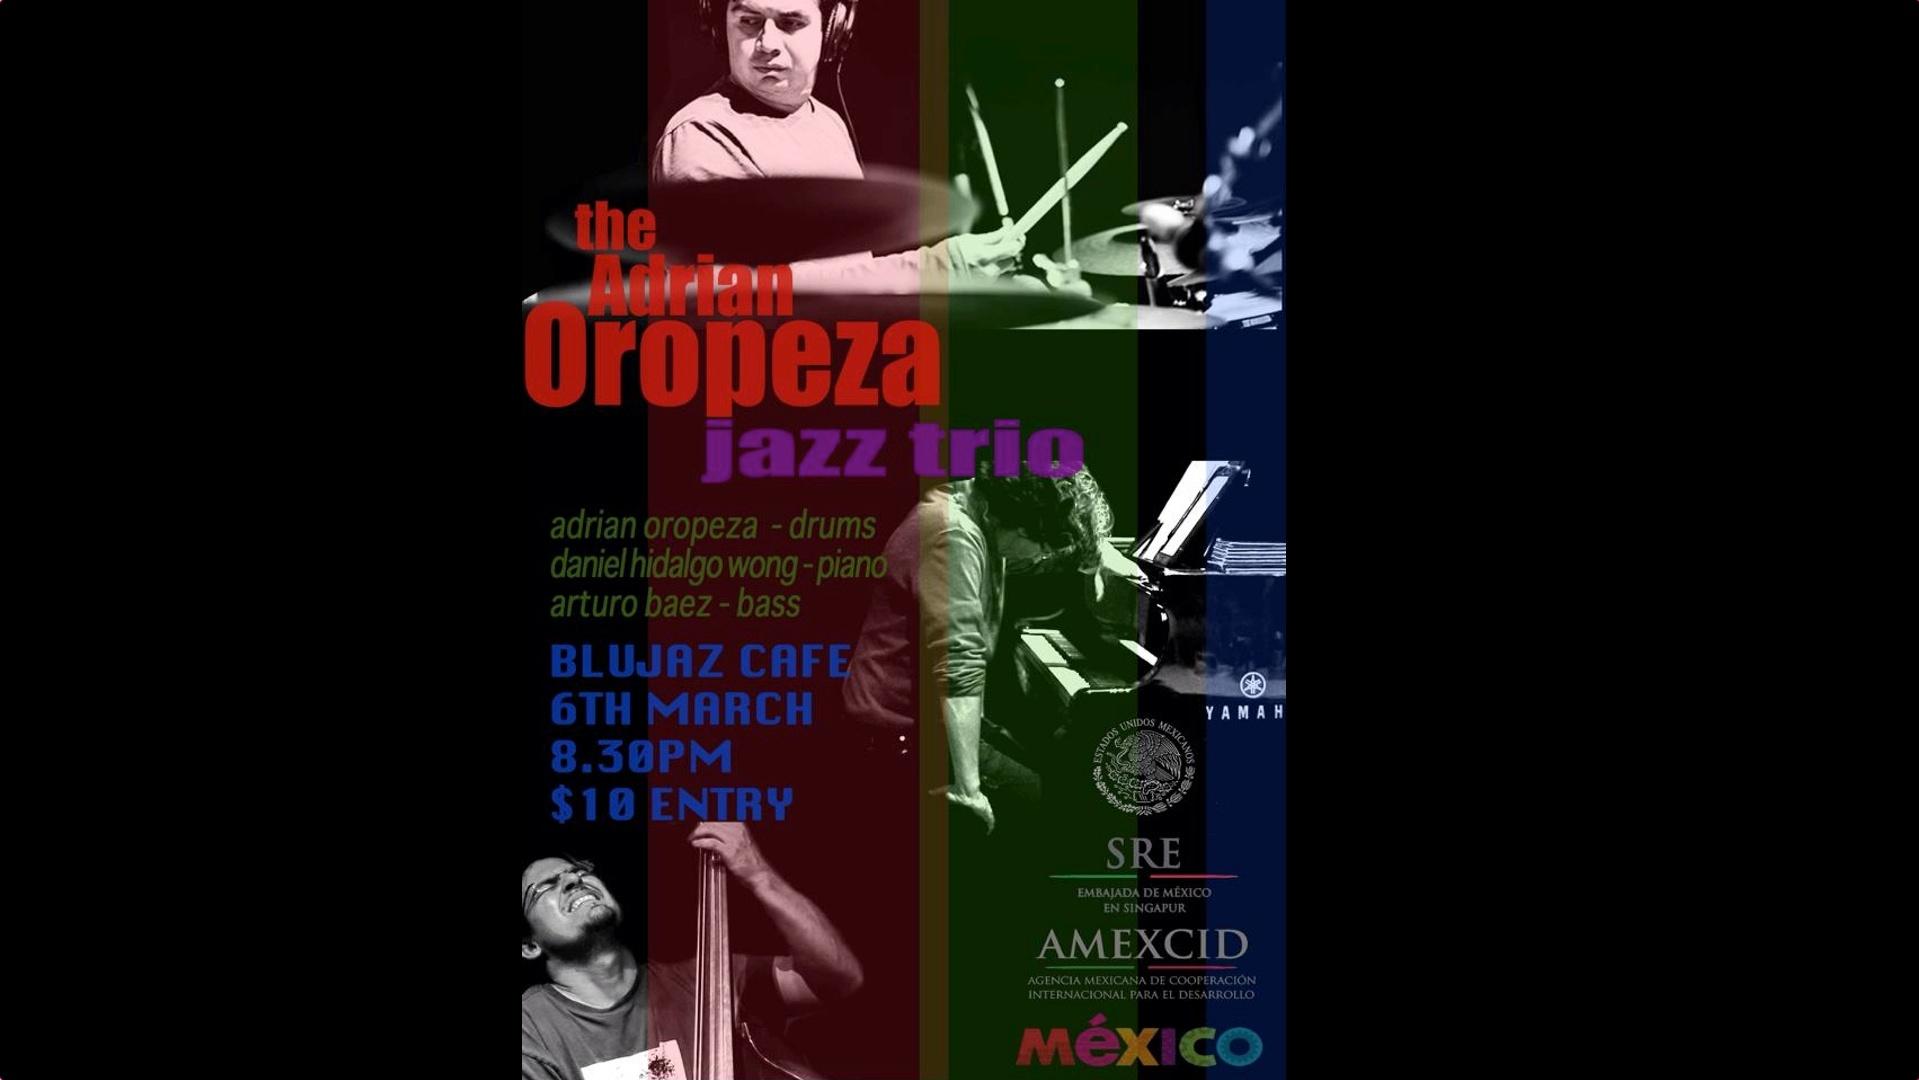 Adrian Oropeza Jazz Trio